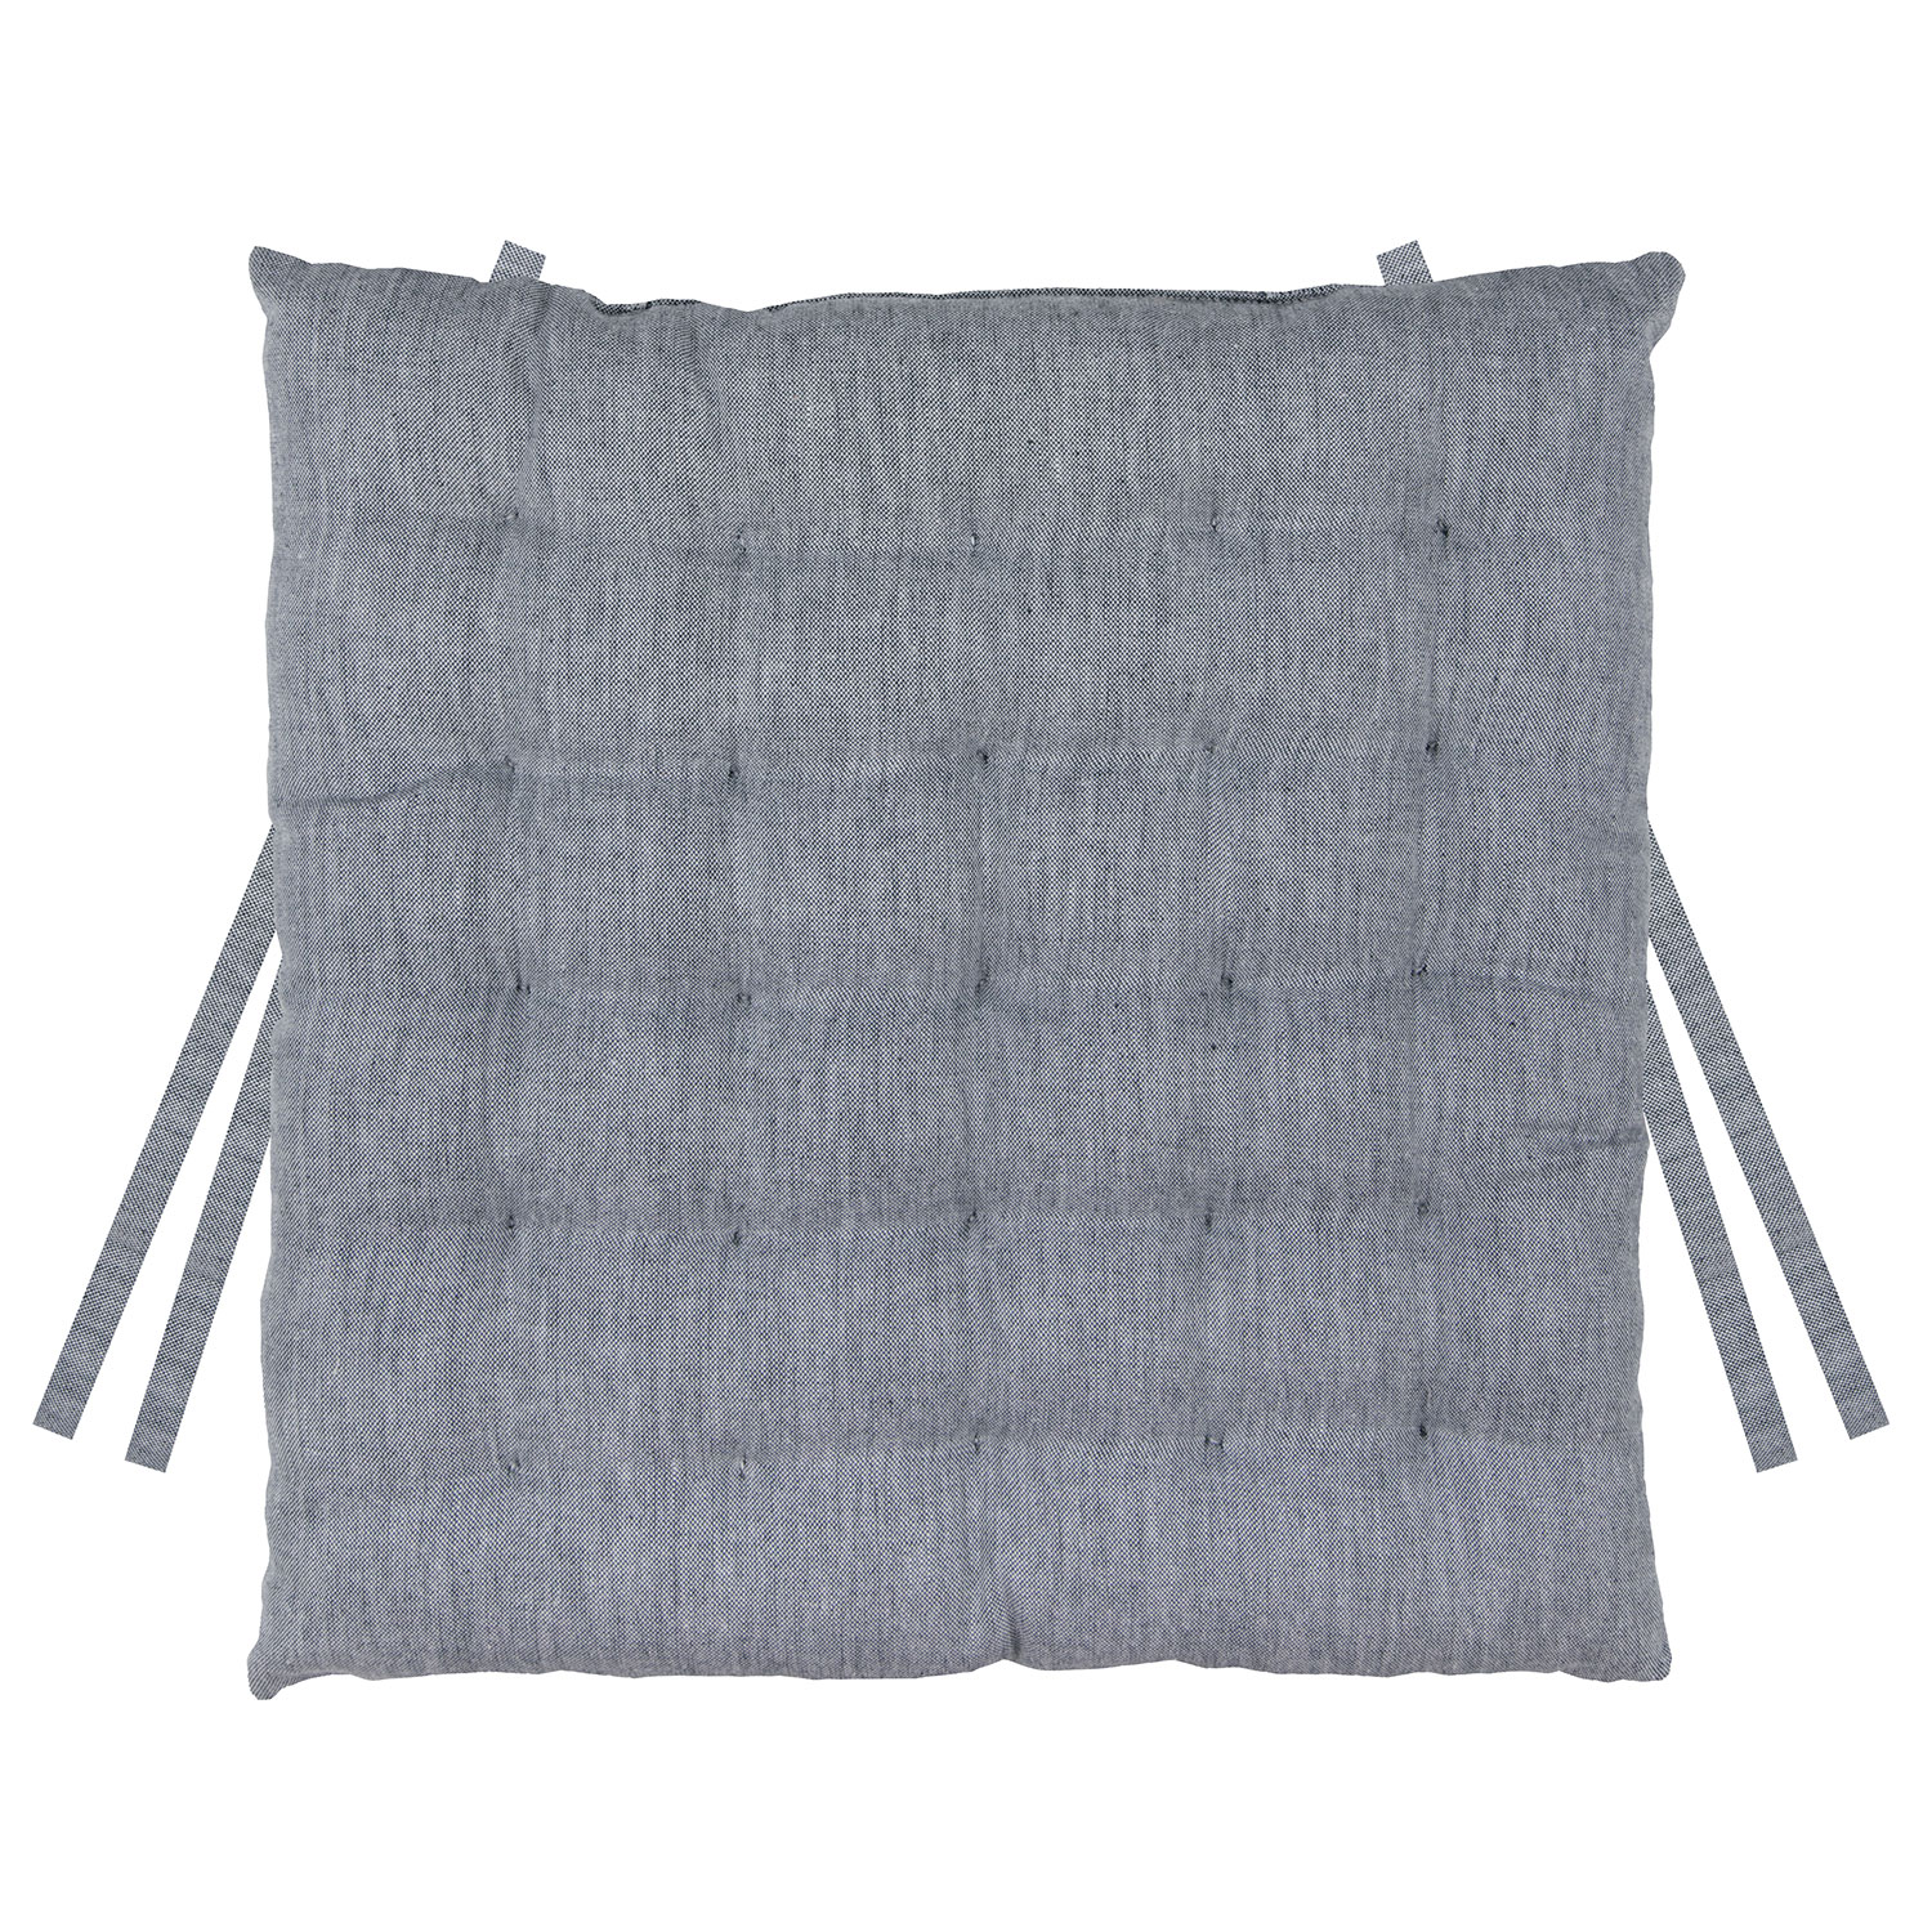 Galette de Chaise 25 points  en coton ombre 40 x 40 x 5